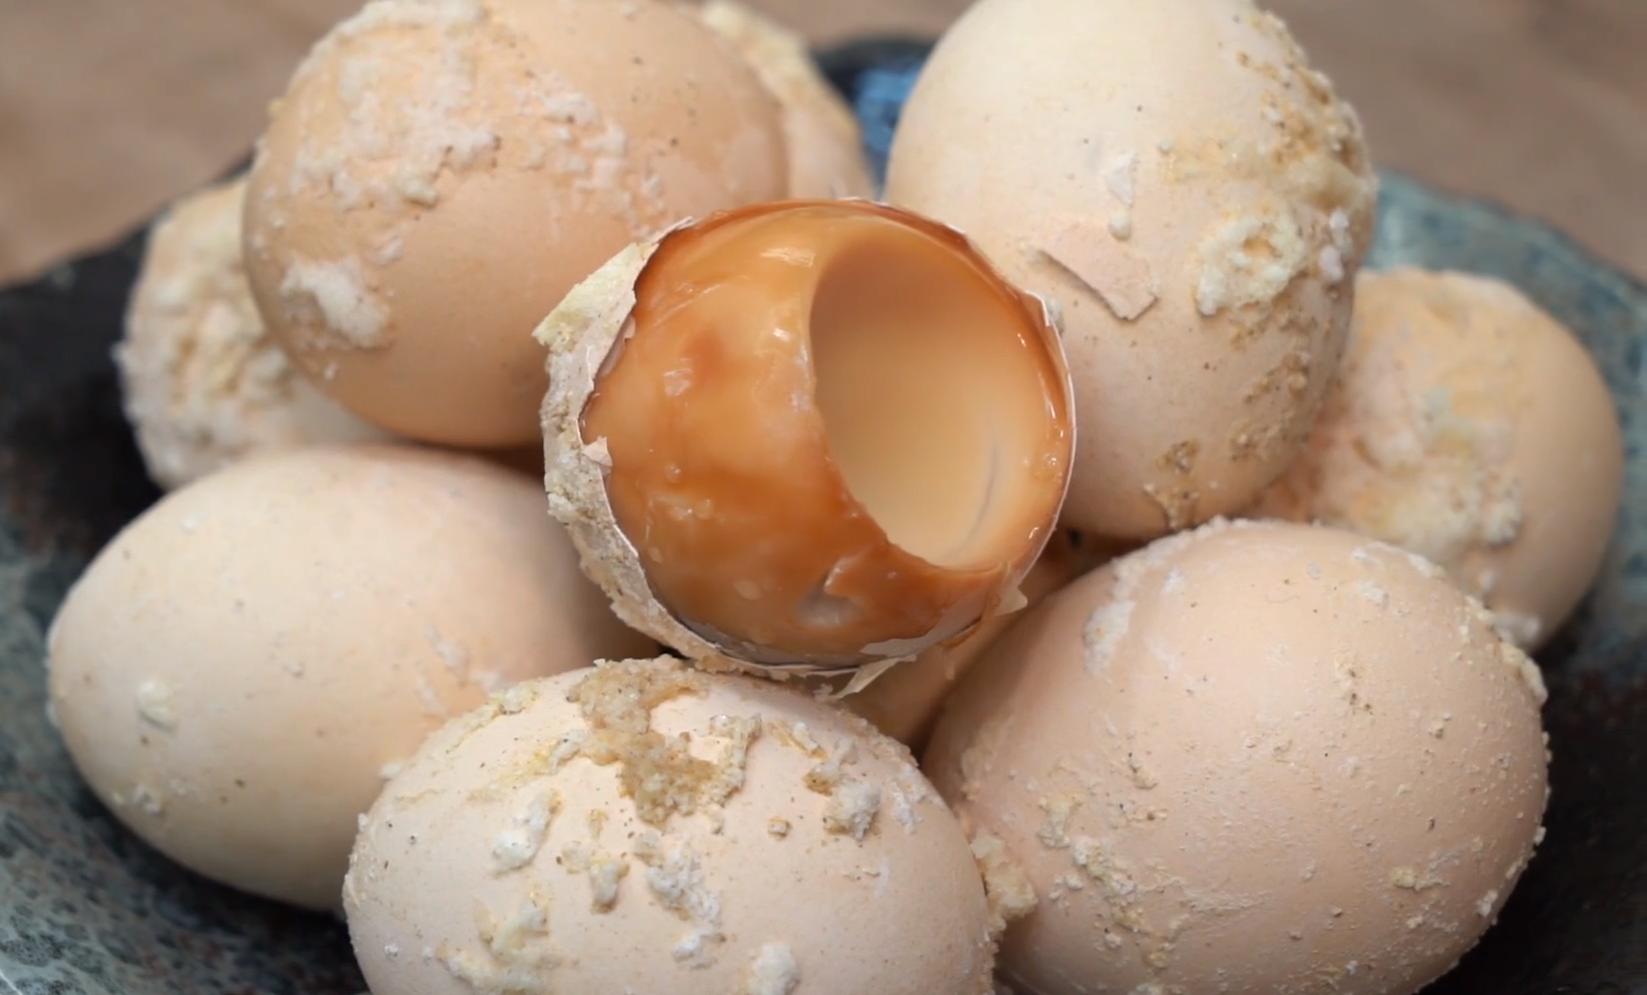 真正懶人鹽焗雞蛋,一個電飯煲就搞定,鹹香入味,比買的還要好吃